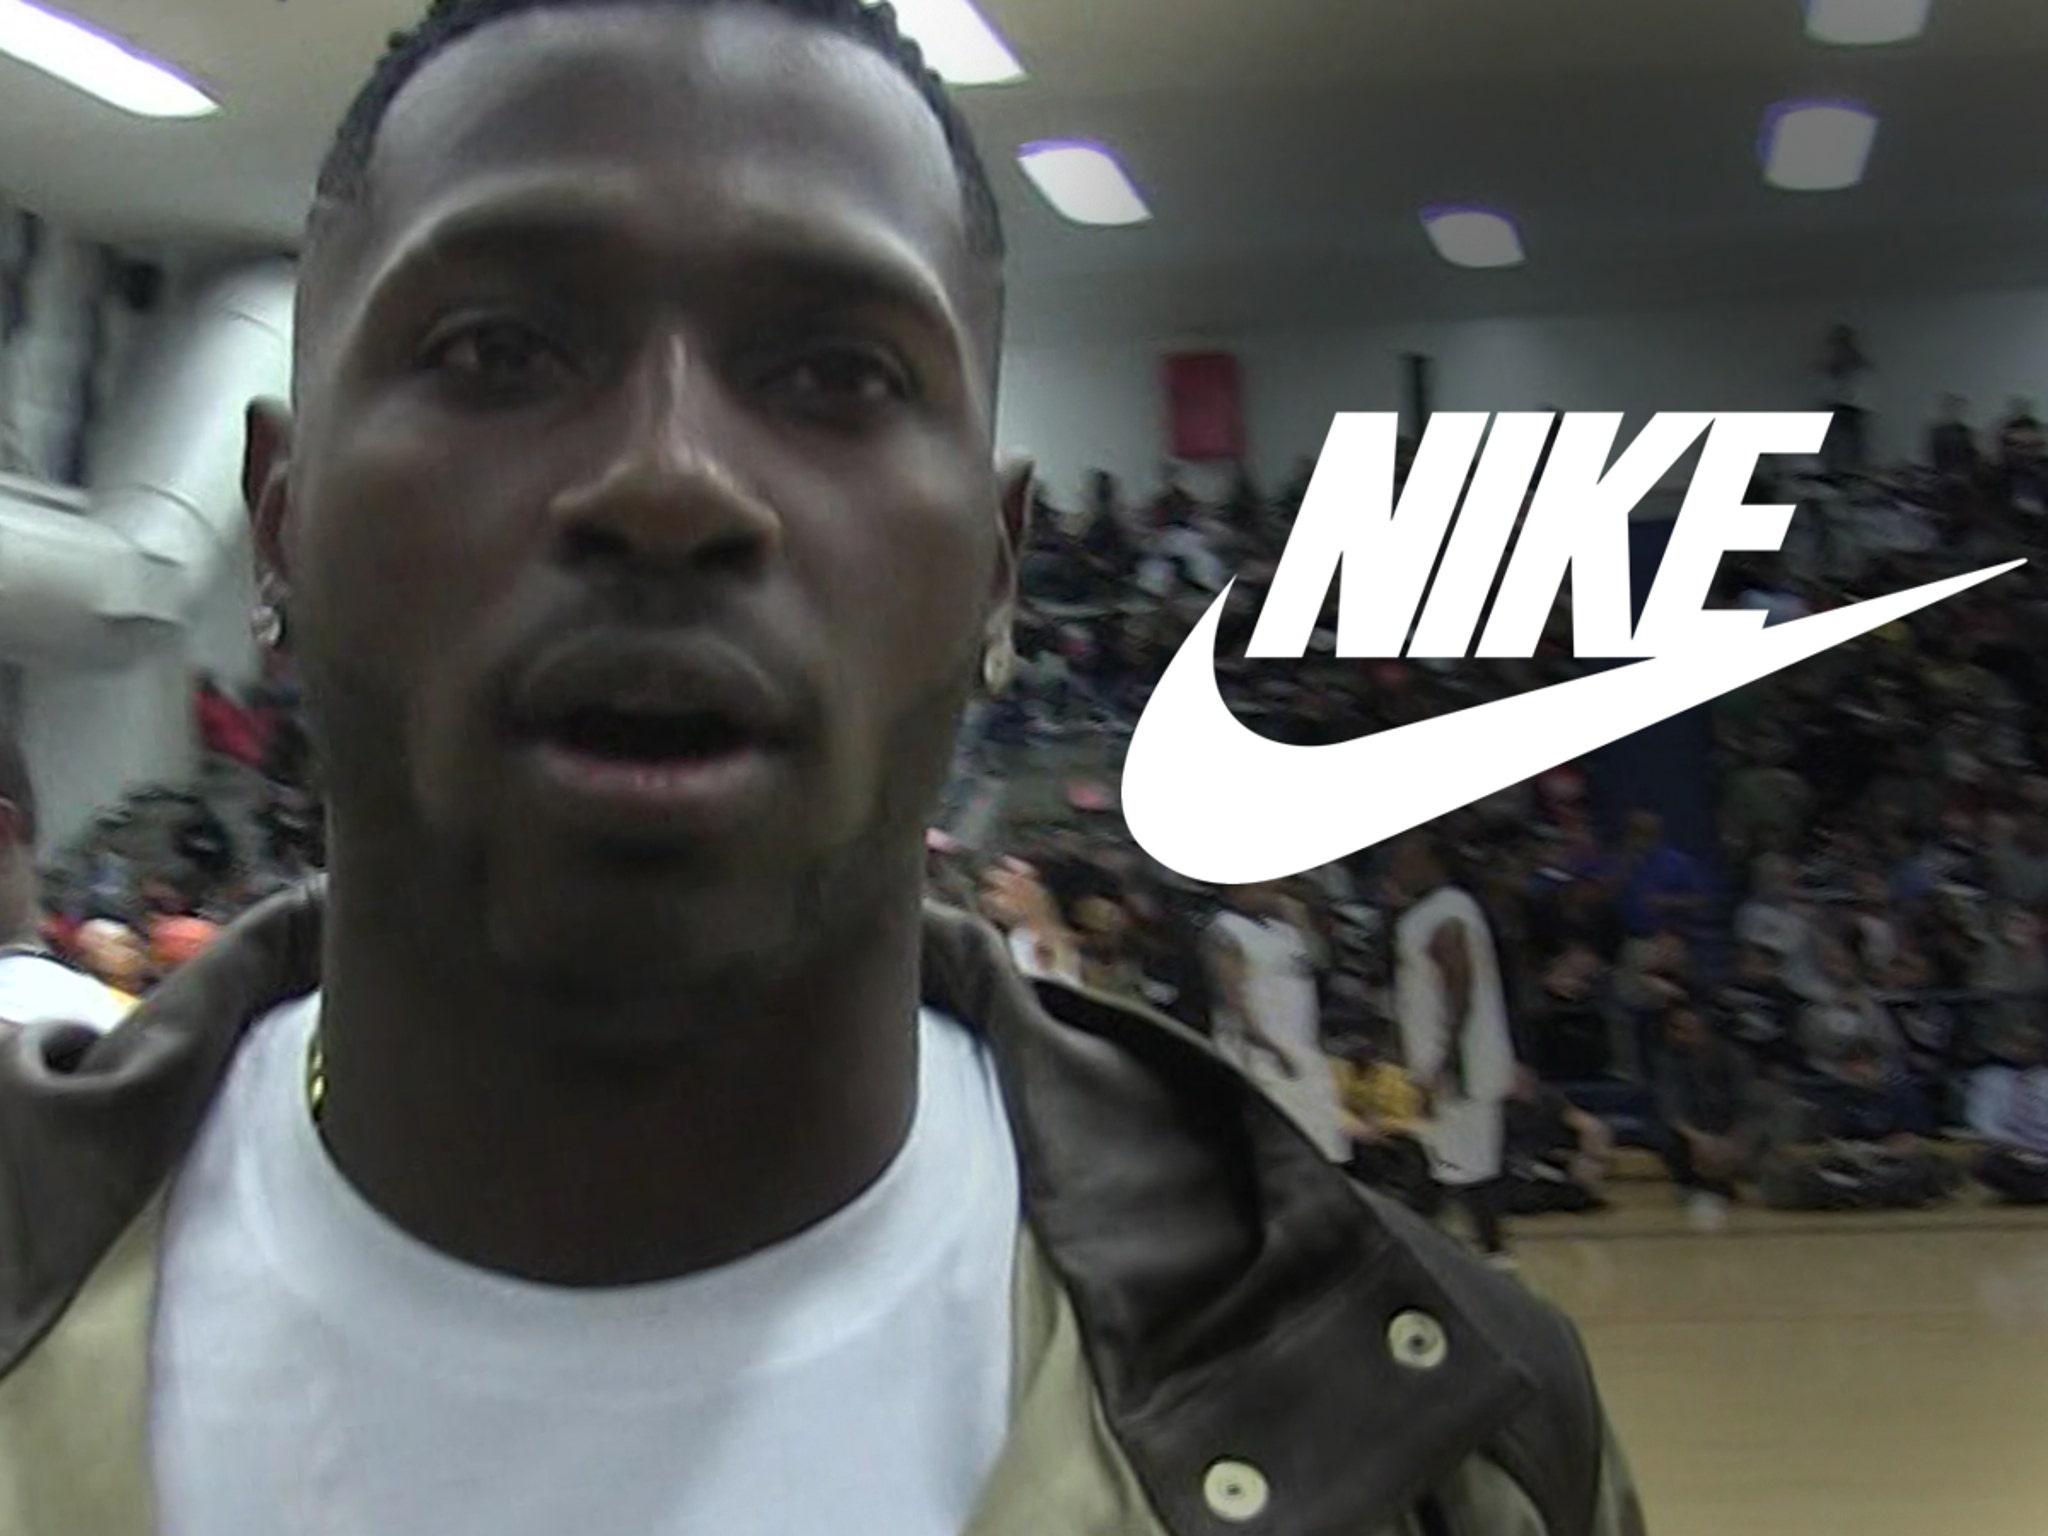 menor Tan rápido como un flash lema  Nike Drops Antonio Brown Amid Rape Allegations